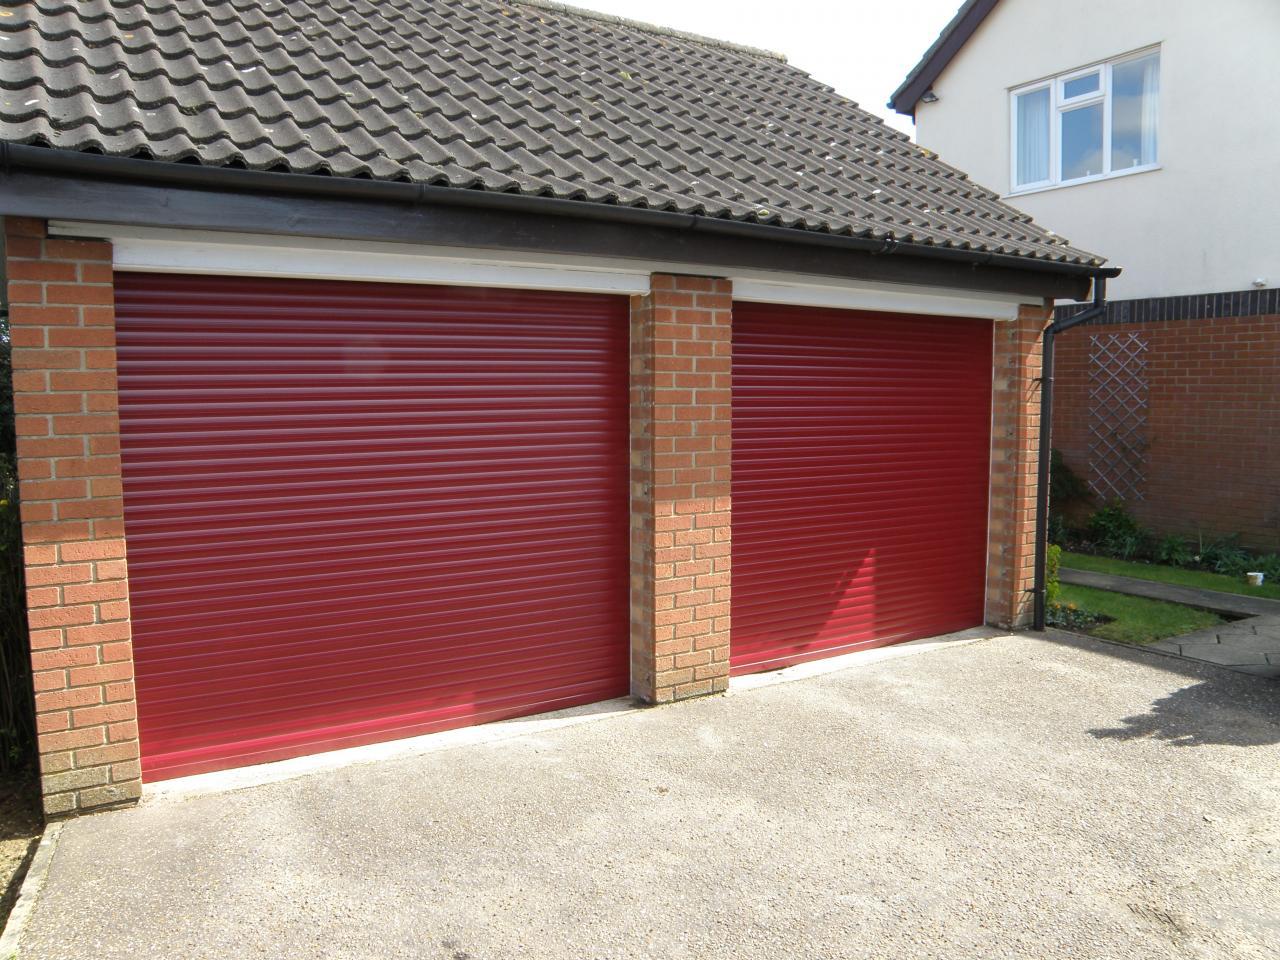 9 x 10 insulated garage door ppi blog for 10 x 9 garage door